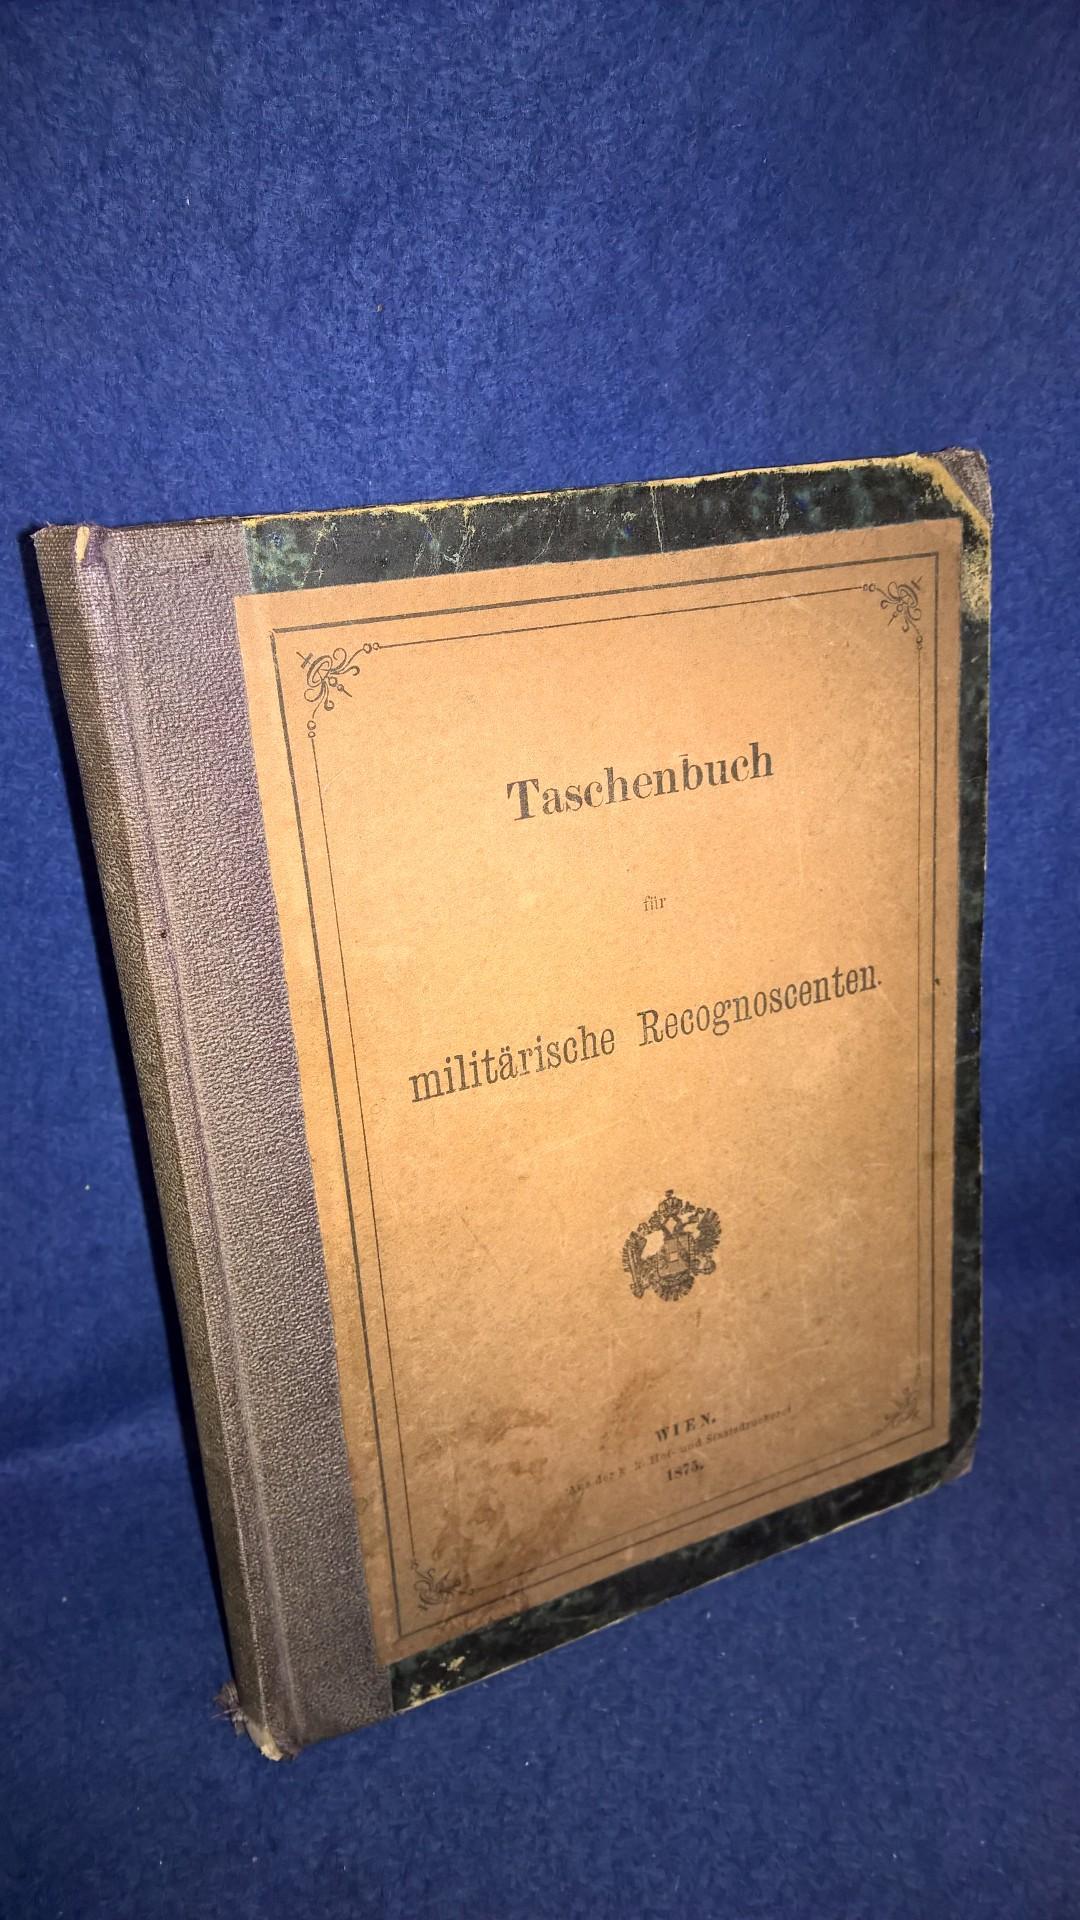 Taschenbuch für militärische Recognoscenten.